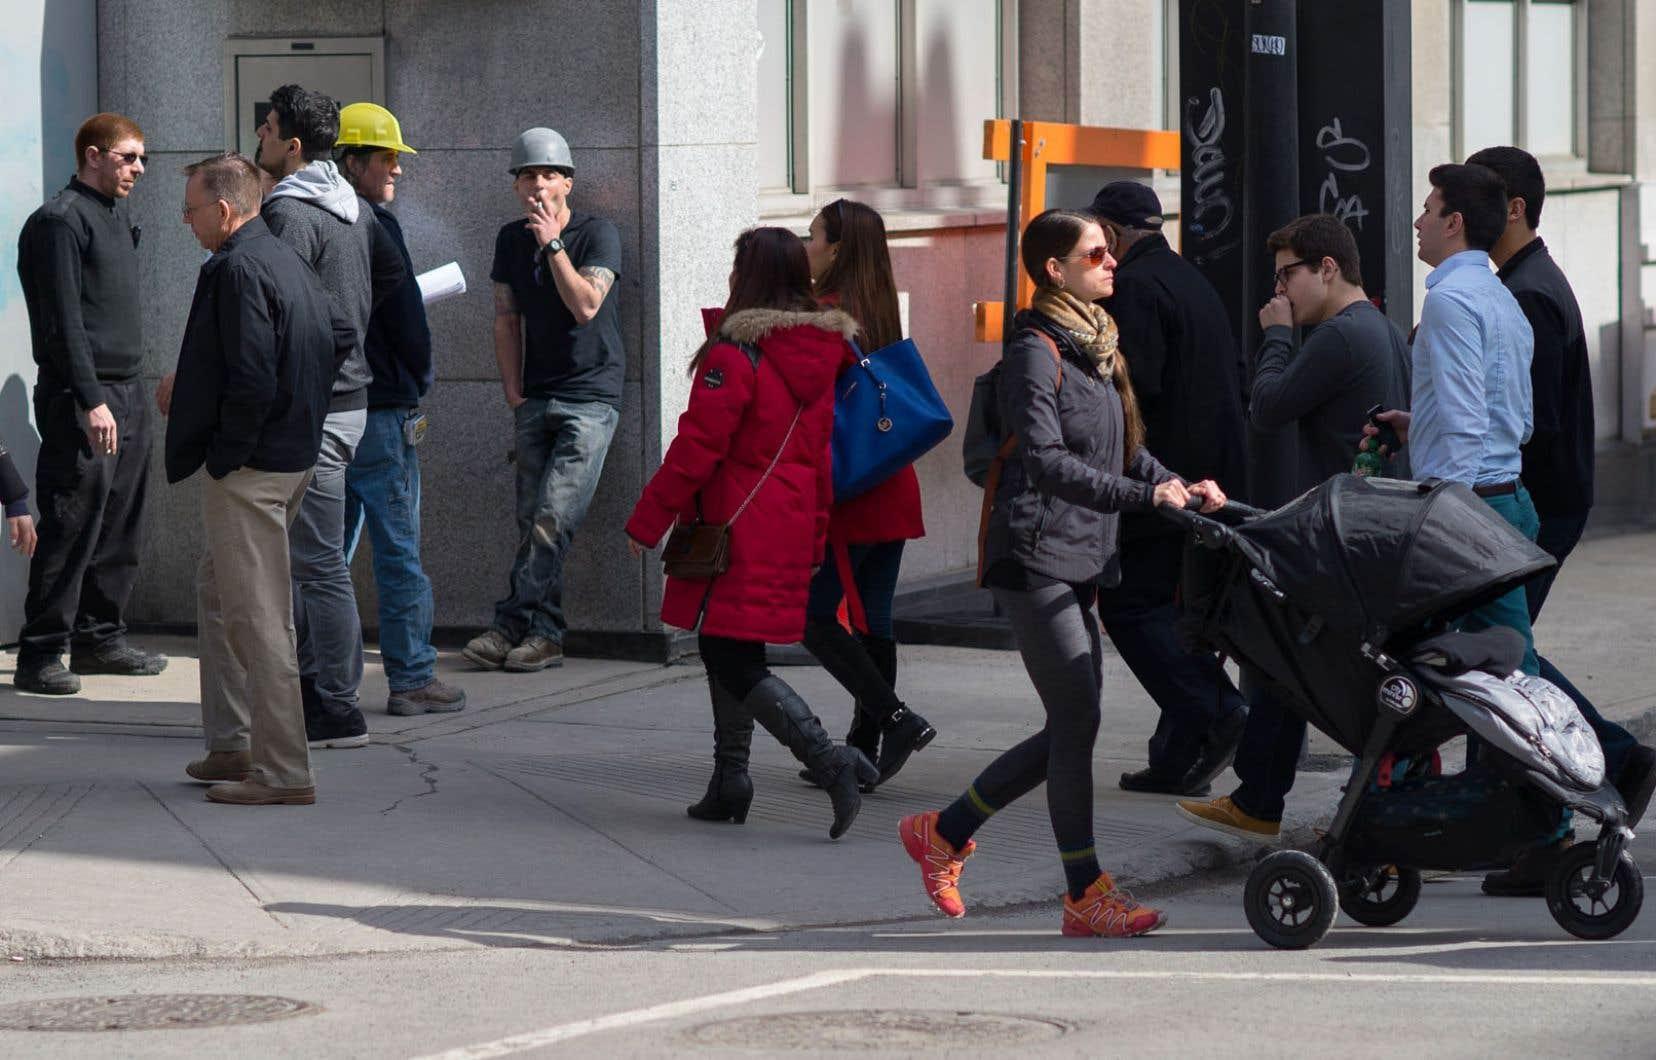 Le projet de loi n'aidera pas les citoyens à donner un sens aux processus migratoires, pas plus qu'il ne pourra constituer un fondement solide sur lequel bâtir une réelle politique du vivre-ensemble pour la société québécoise, estime l'auteur.